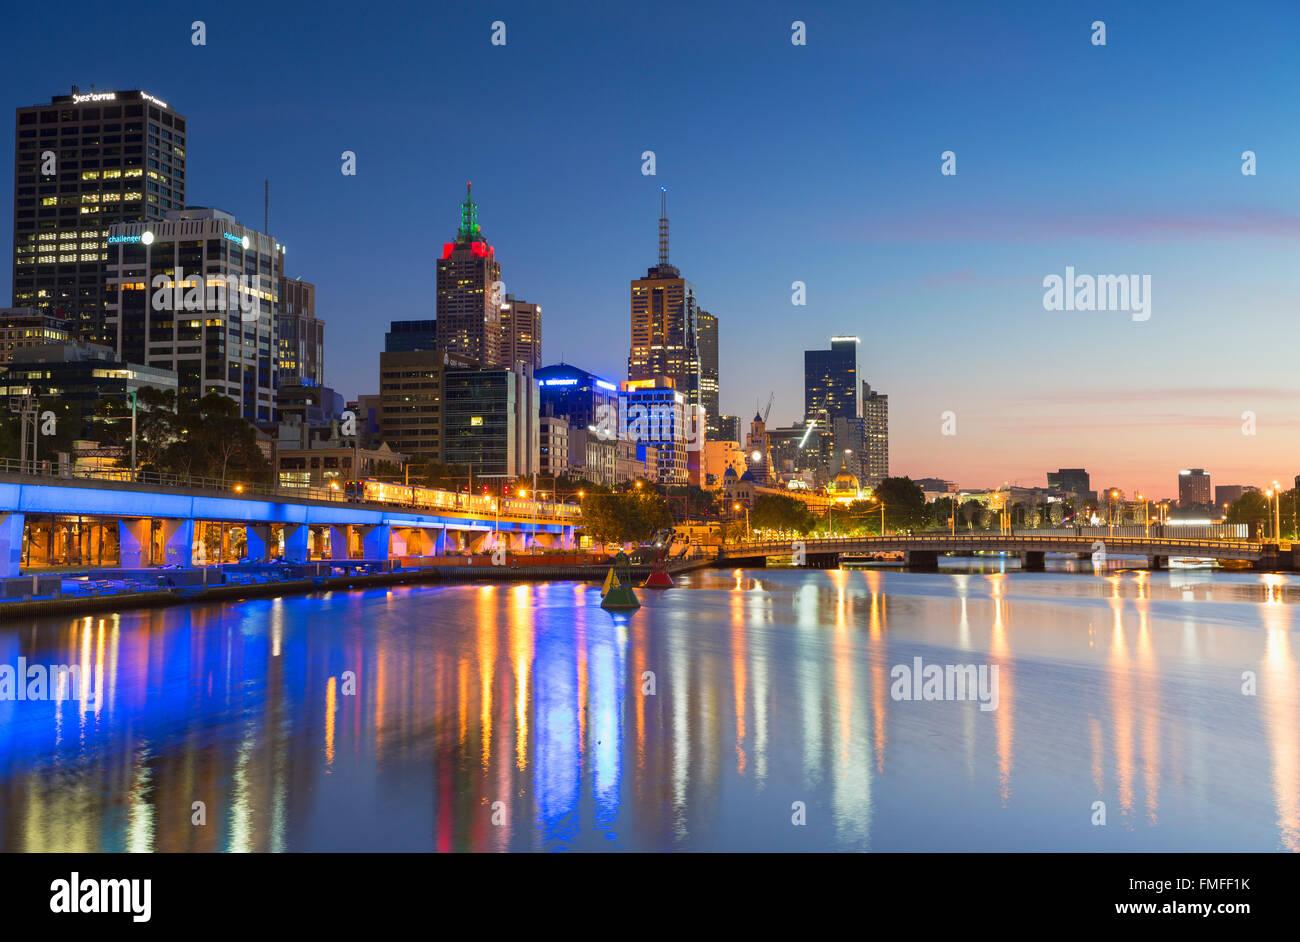 Skyline le long de la rivière Yarra, à l'aube, Melbourne, Victoria, Australie Photo Stock